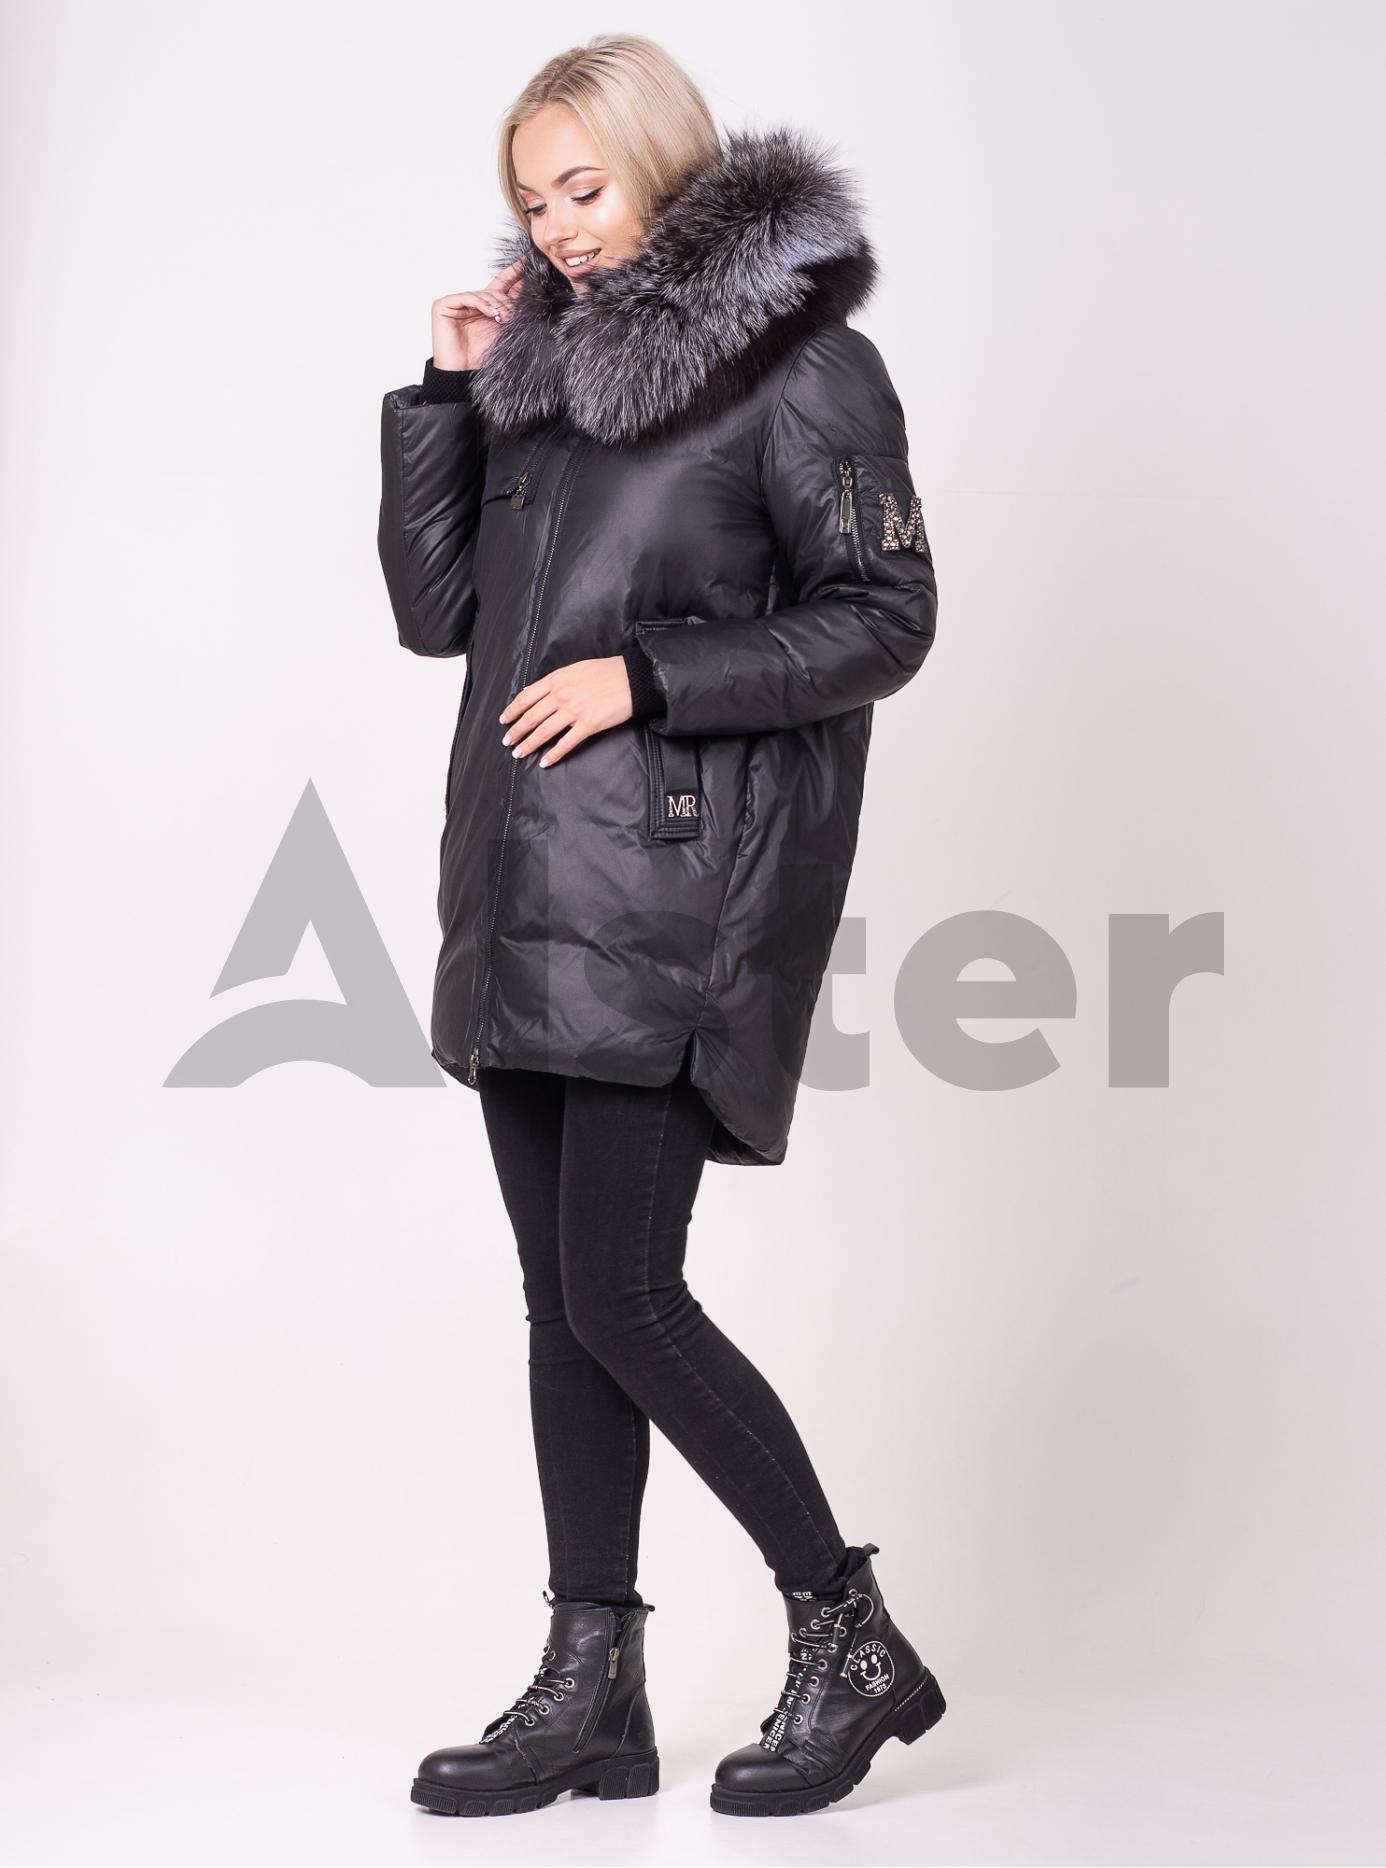 Женская зимняя куртка мехом чернобурки Чёрный L (01-210121): фото - Alster.ua